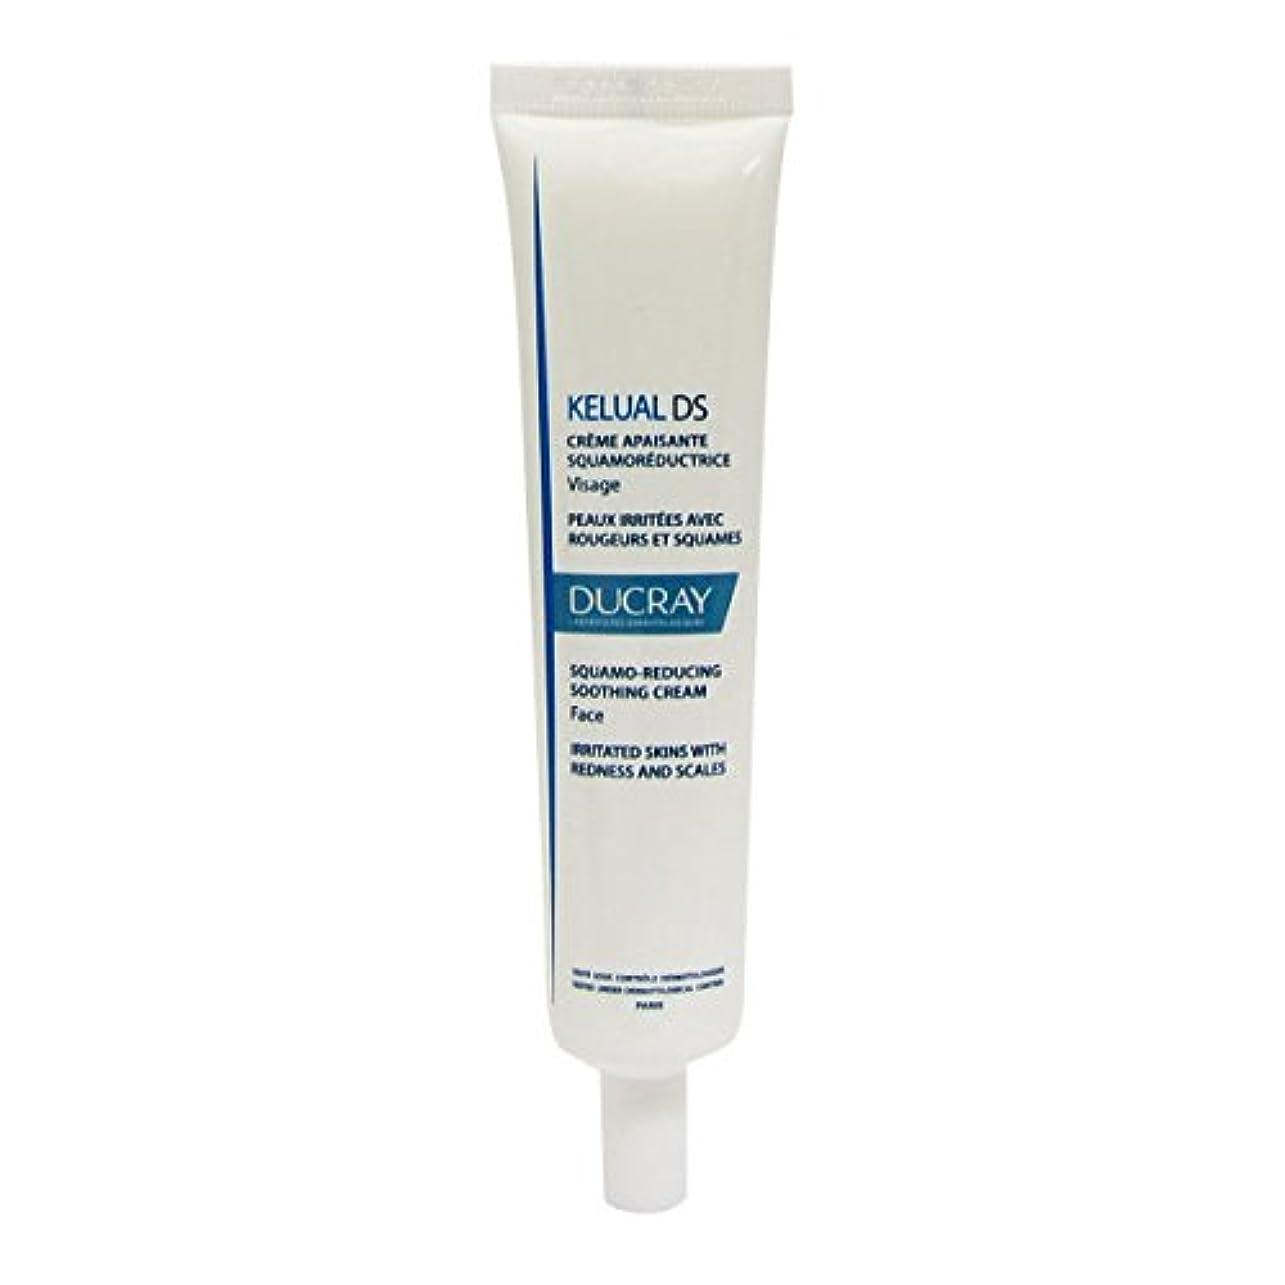 避ける決定大人Ducray Kelual Ds Cream 40ml [並行輸入品]